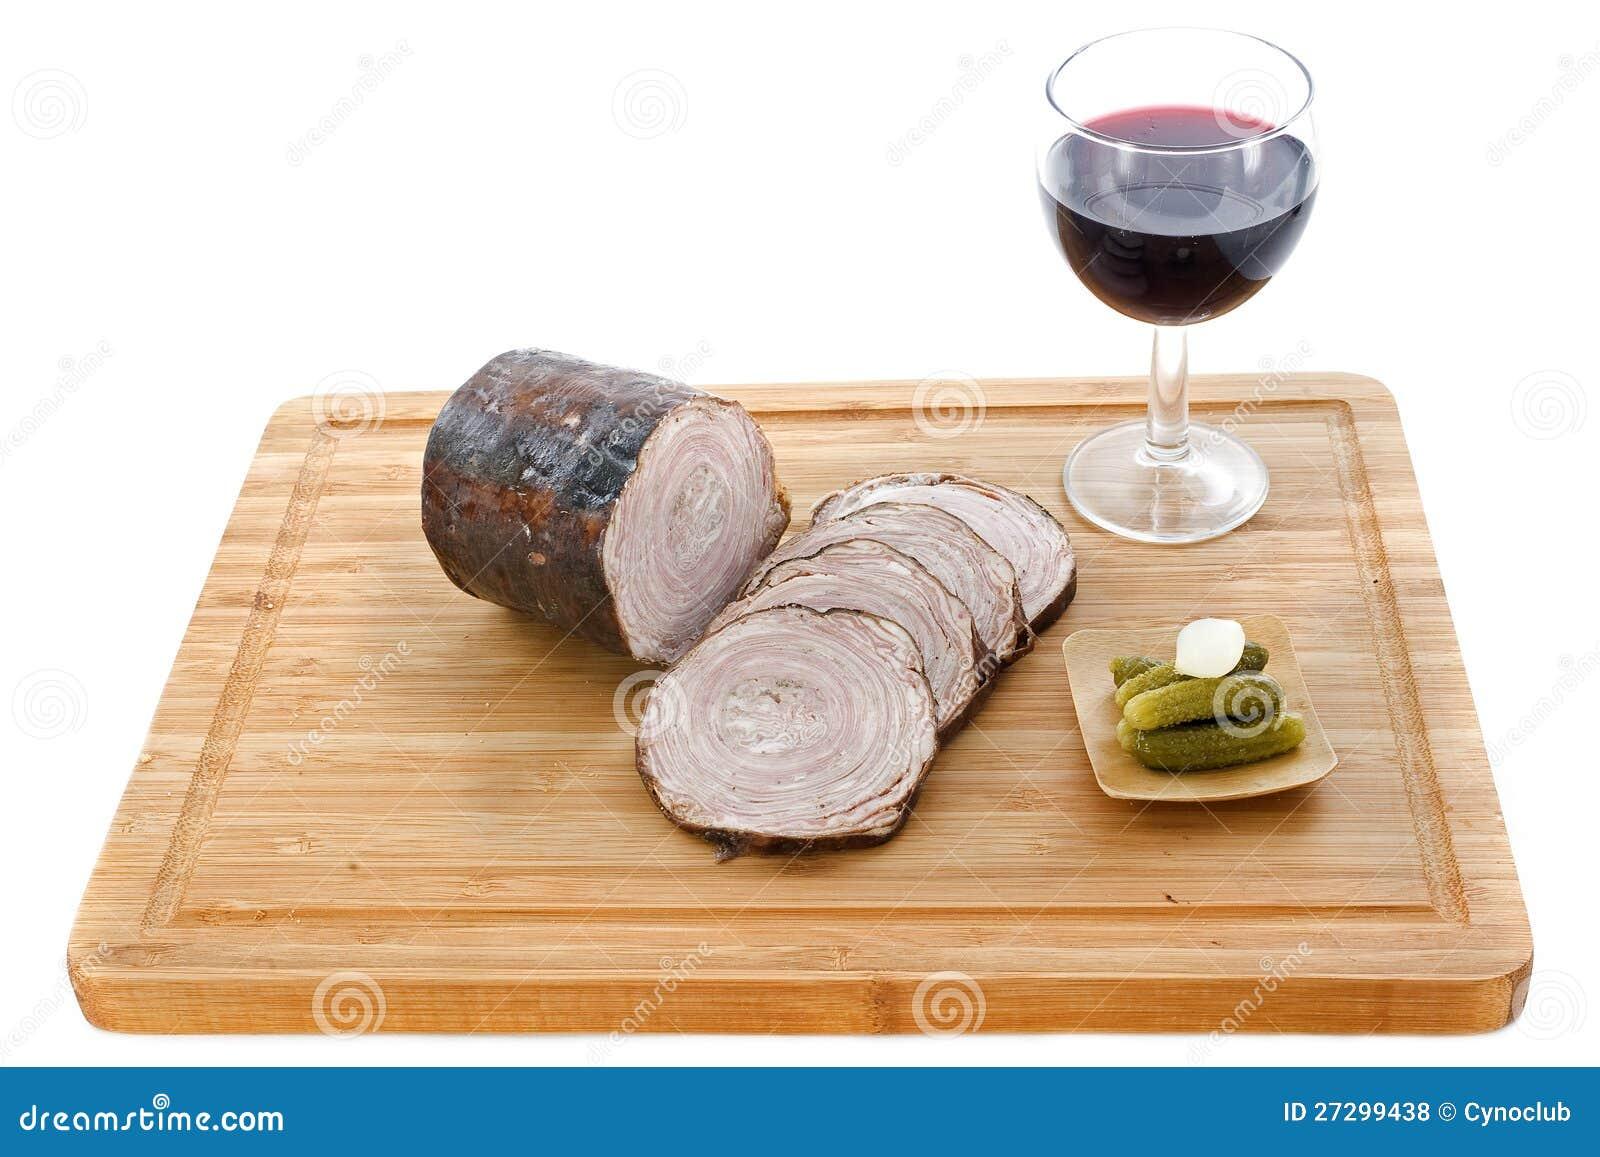 Andouille czerwone wino kiełbasa i